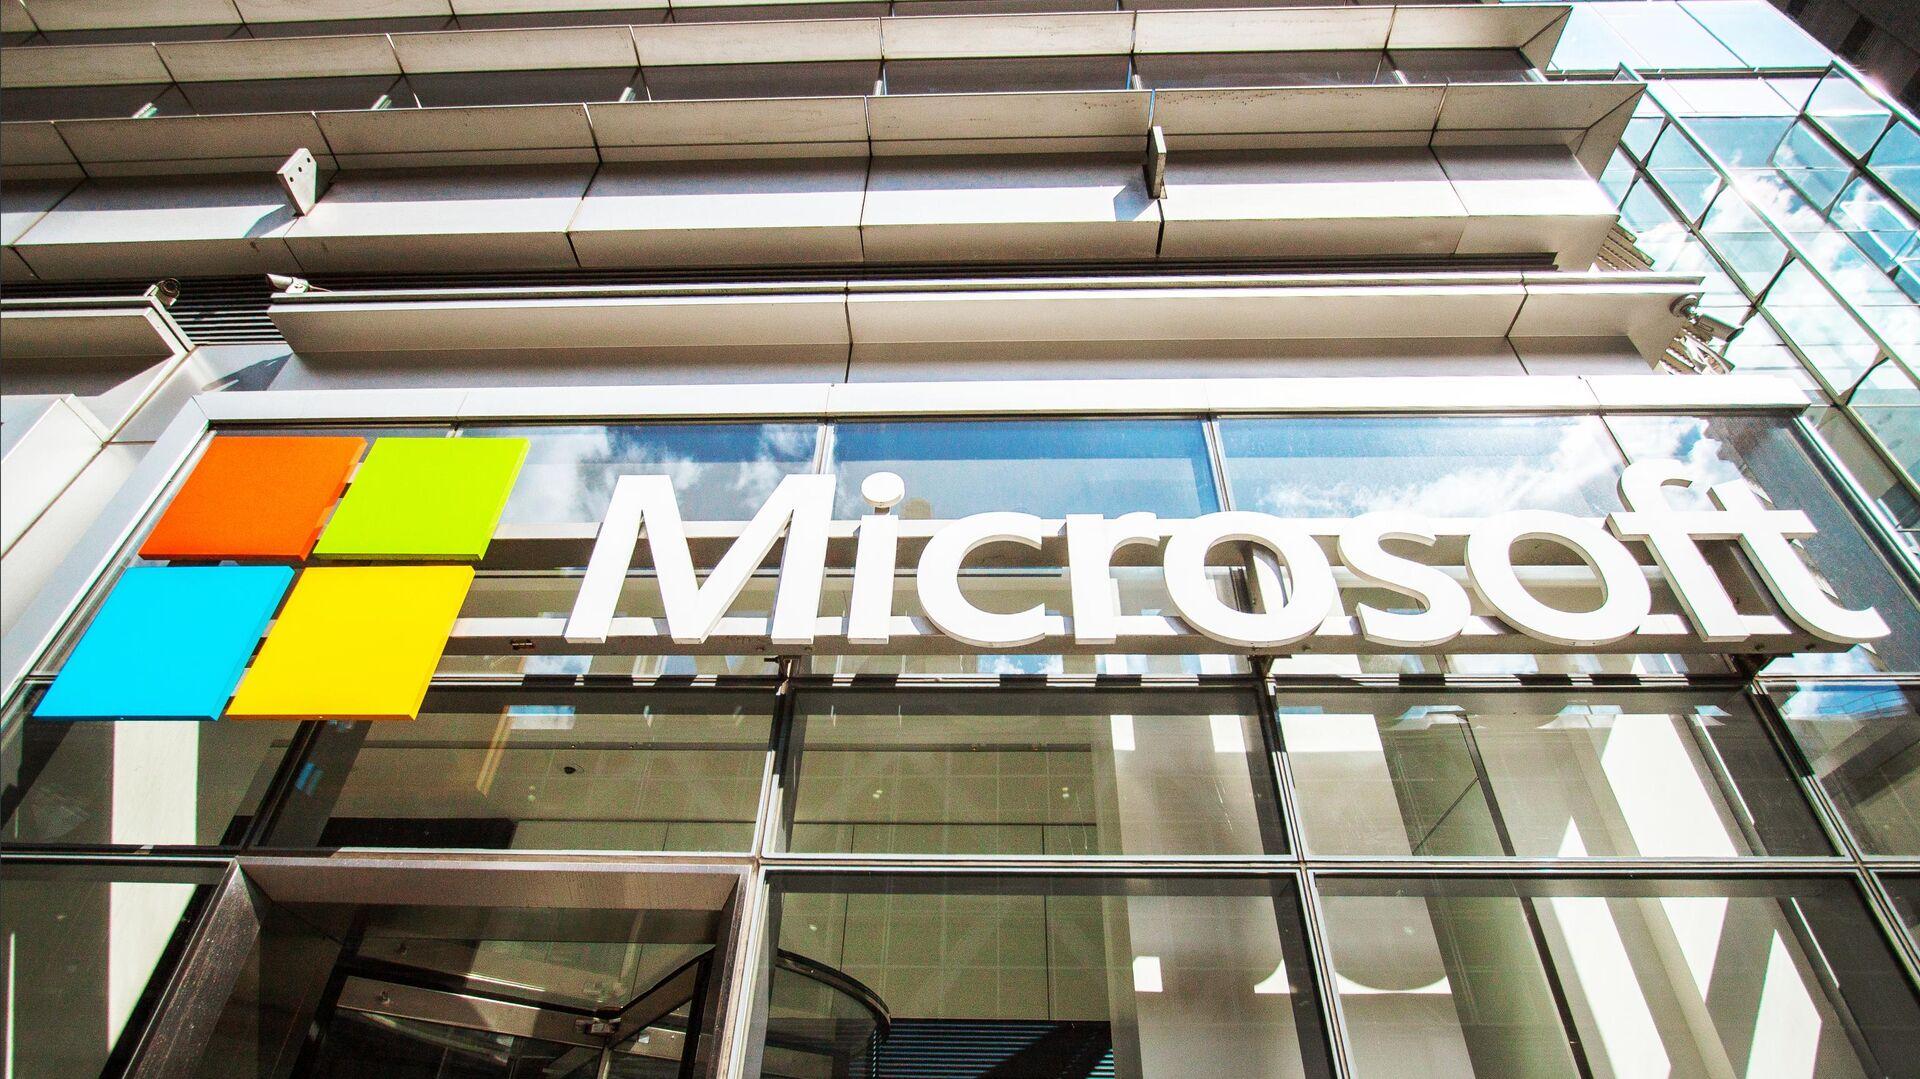 Офис Microsoft на Манхэттене - РИА Новости, 1920, 15.06.2021